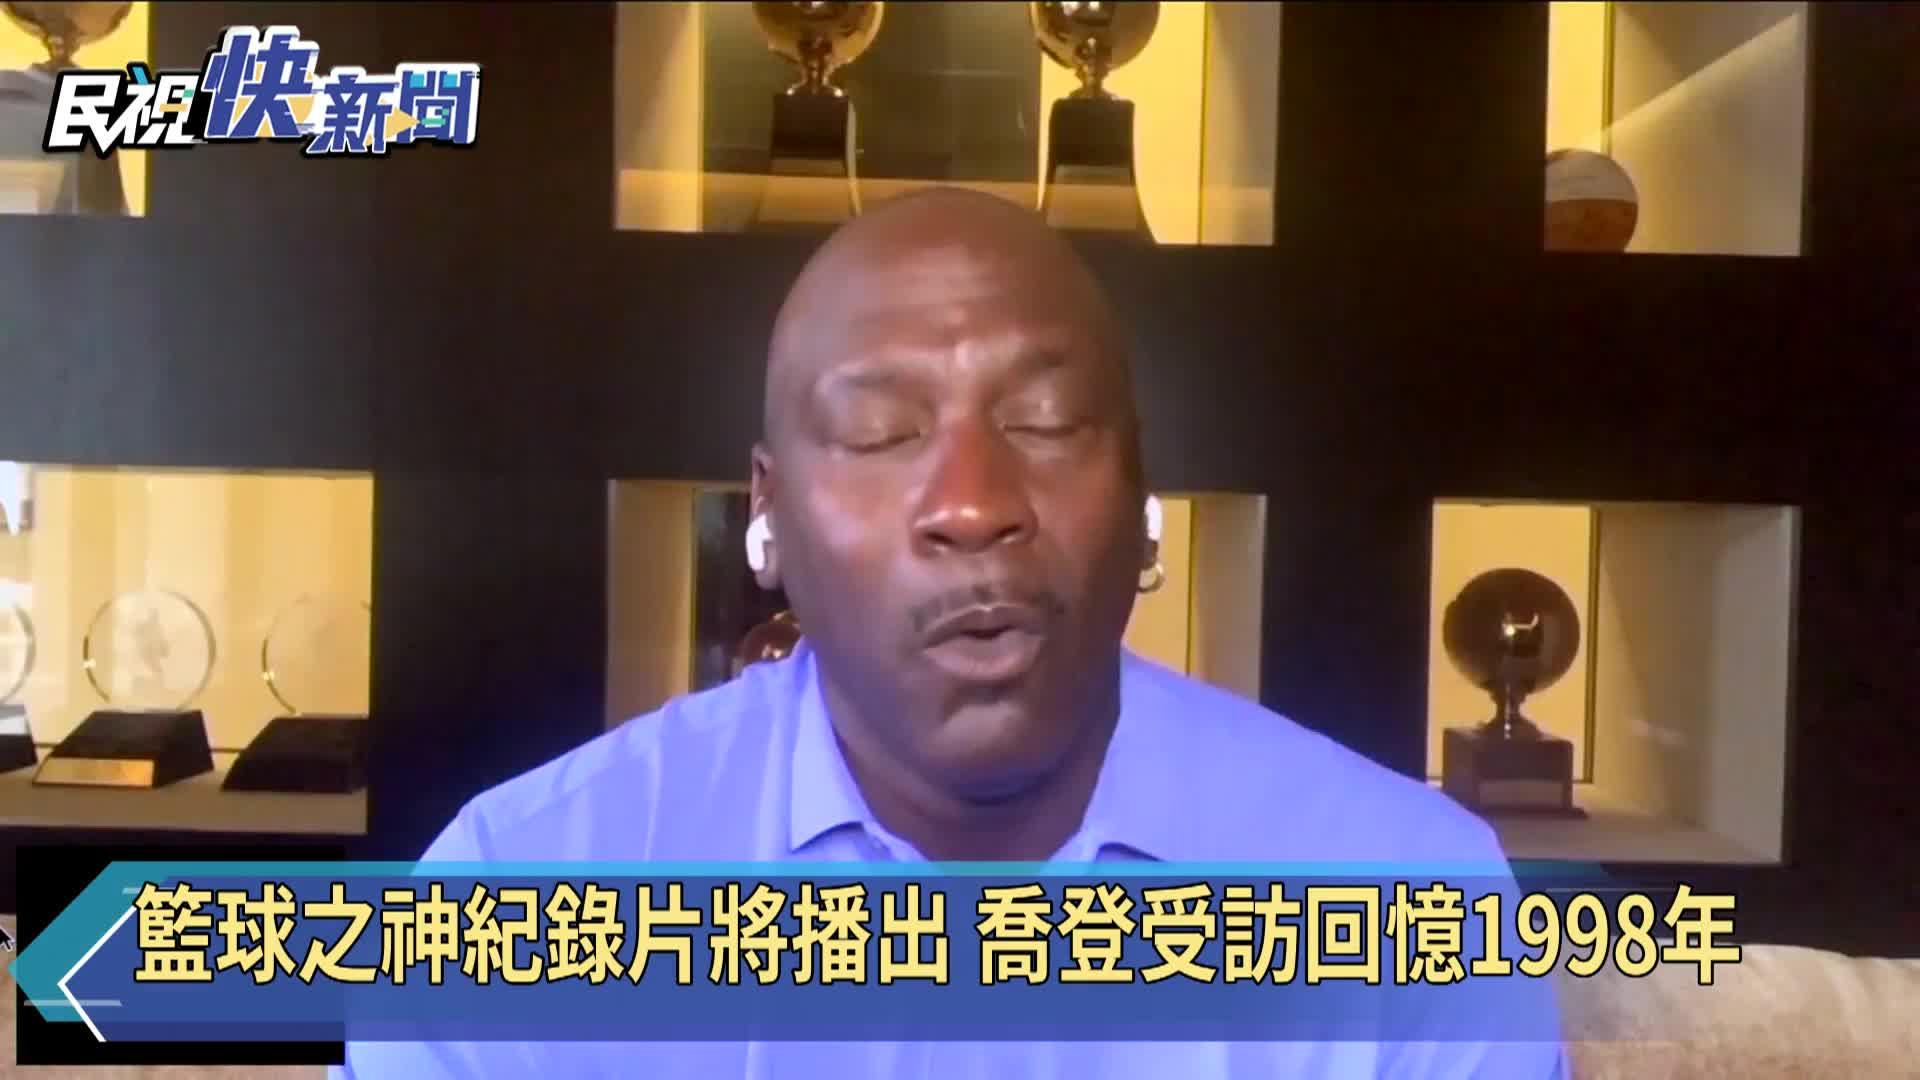 籃球之神紀錄片將播出 喬登受訪回憶傳奇1998年